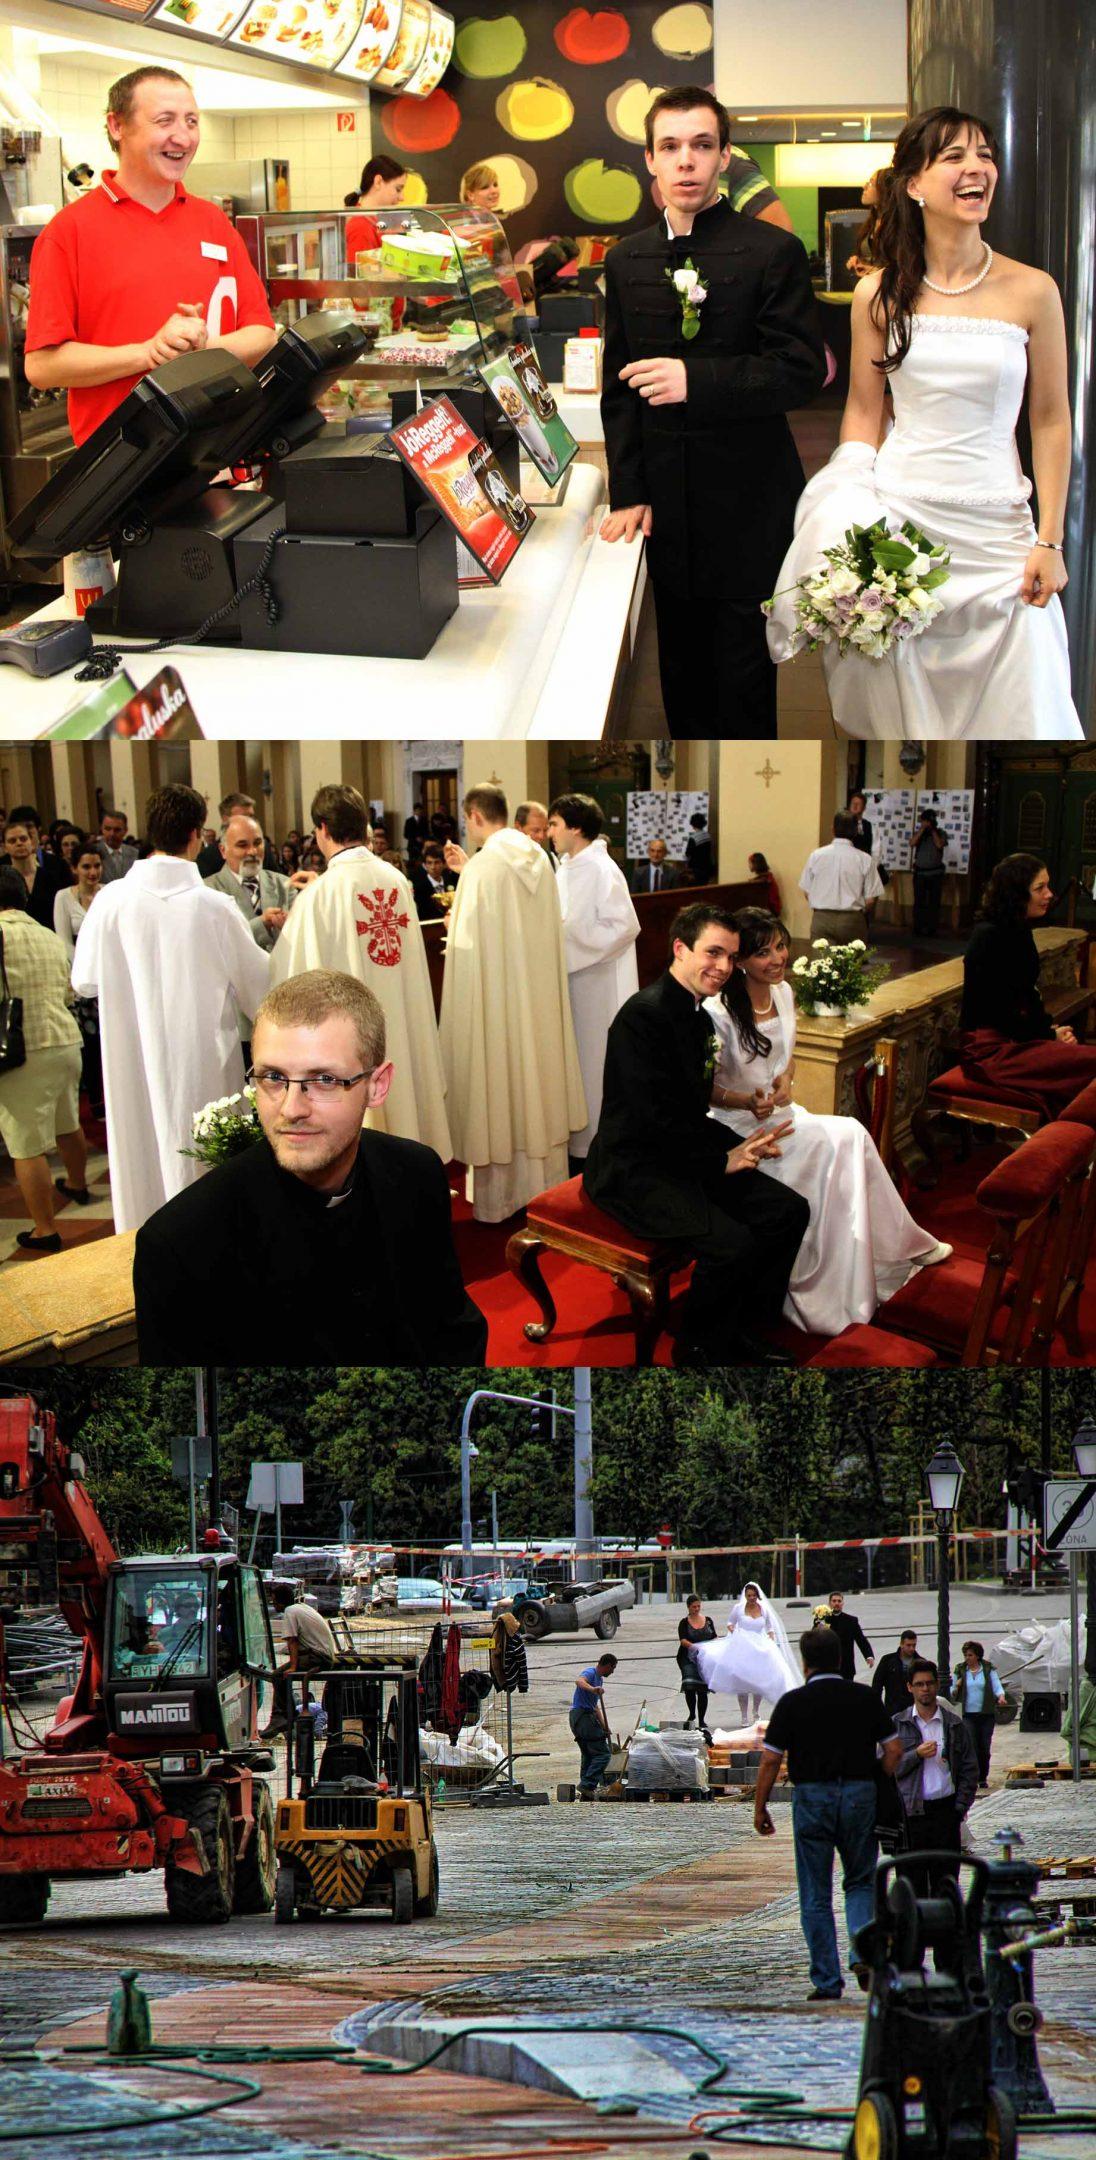 bátor esküvői képek, merész esküvői képek, mcdonalds esküvő, építkezés esküvő